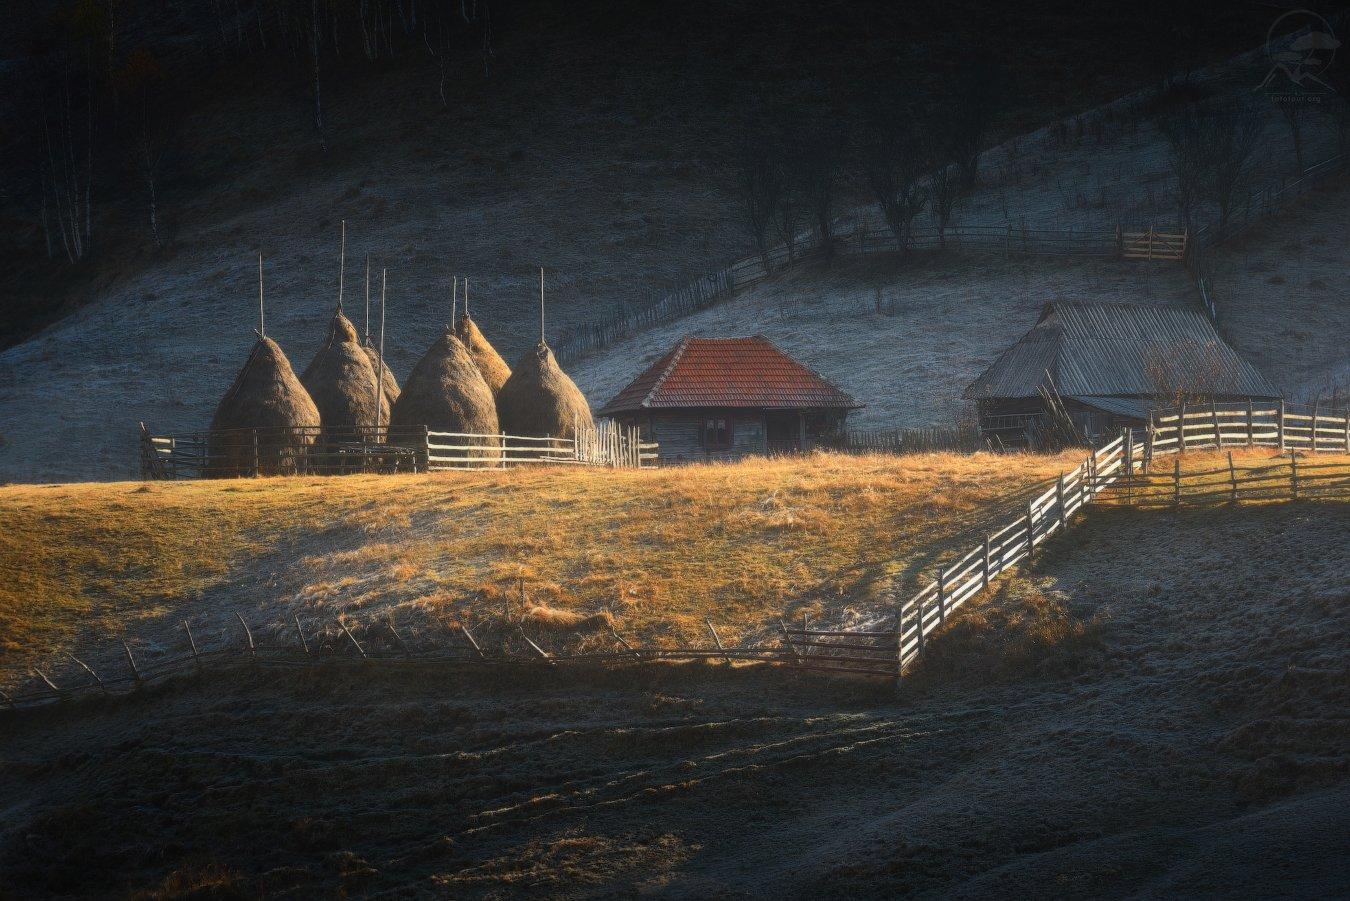 румыния, дом, стожки, Гордиенко Анатолий